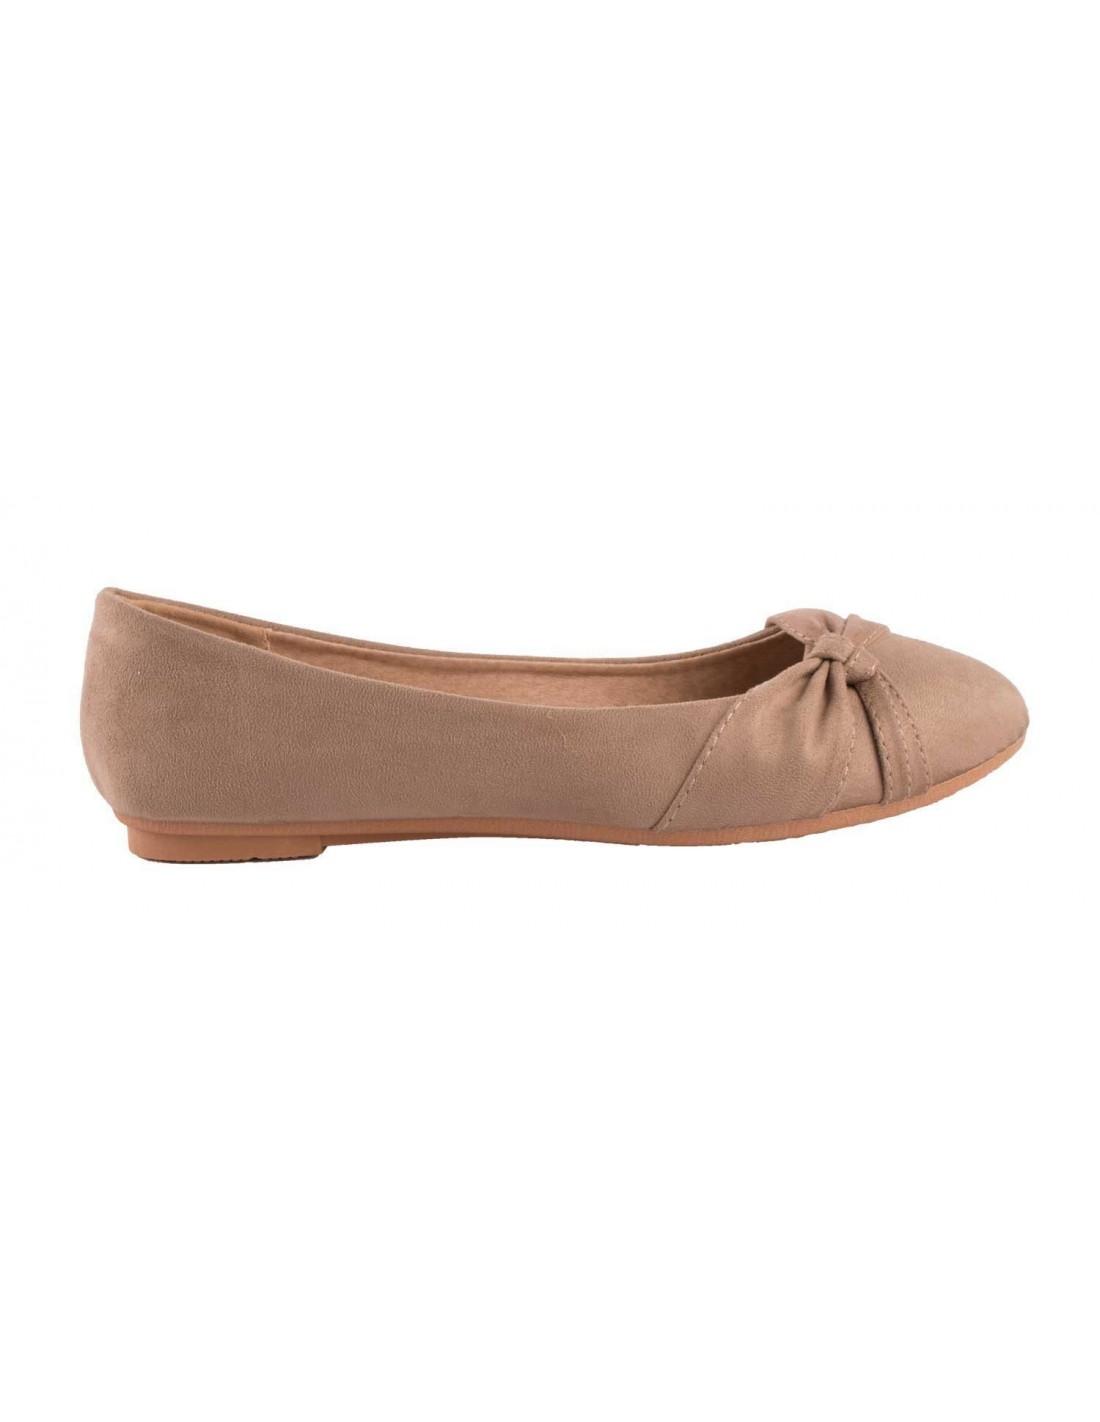 000a58ebfc4a9 ... Ballerines Taupe en daim synthétique noeud fantaisie semelle confort  chaussure été femme marron clair ...